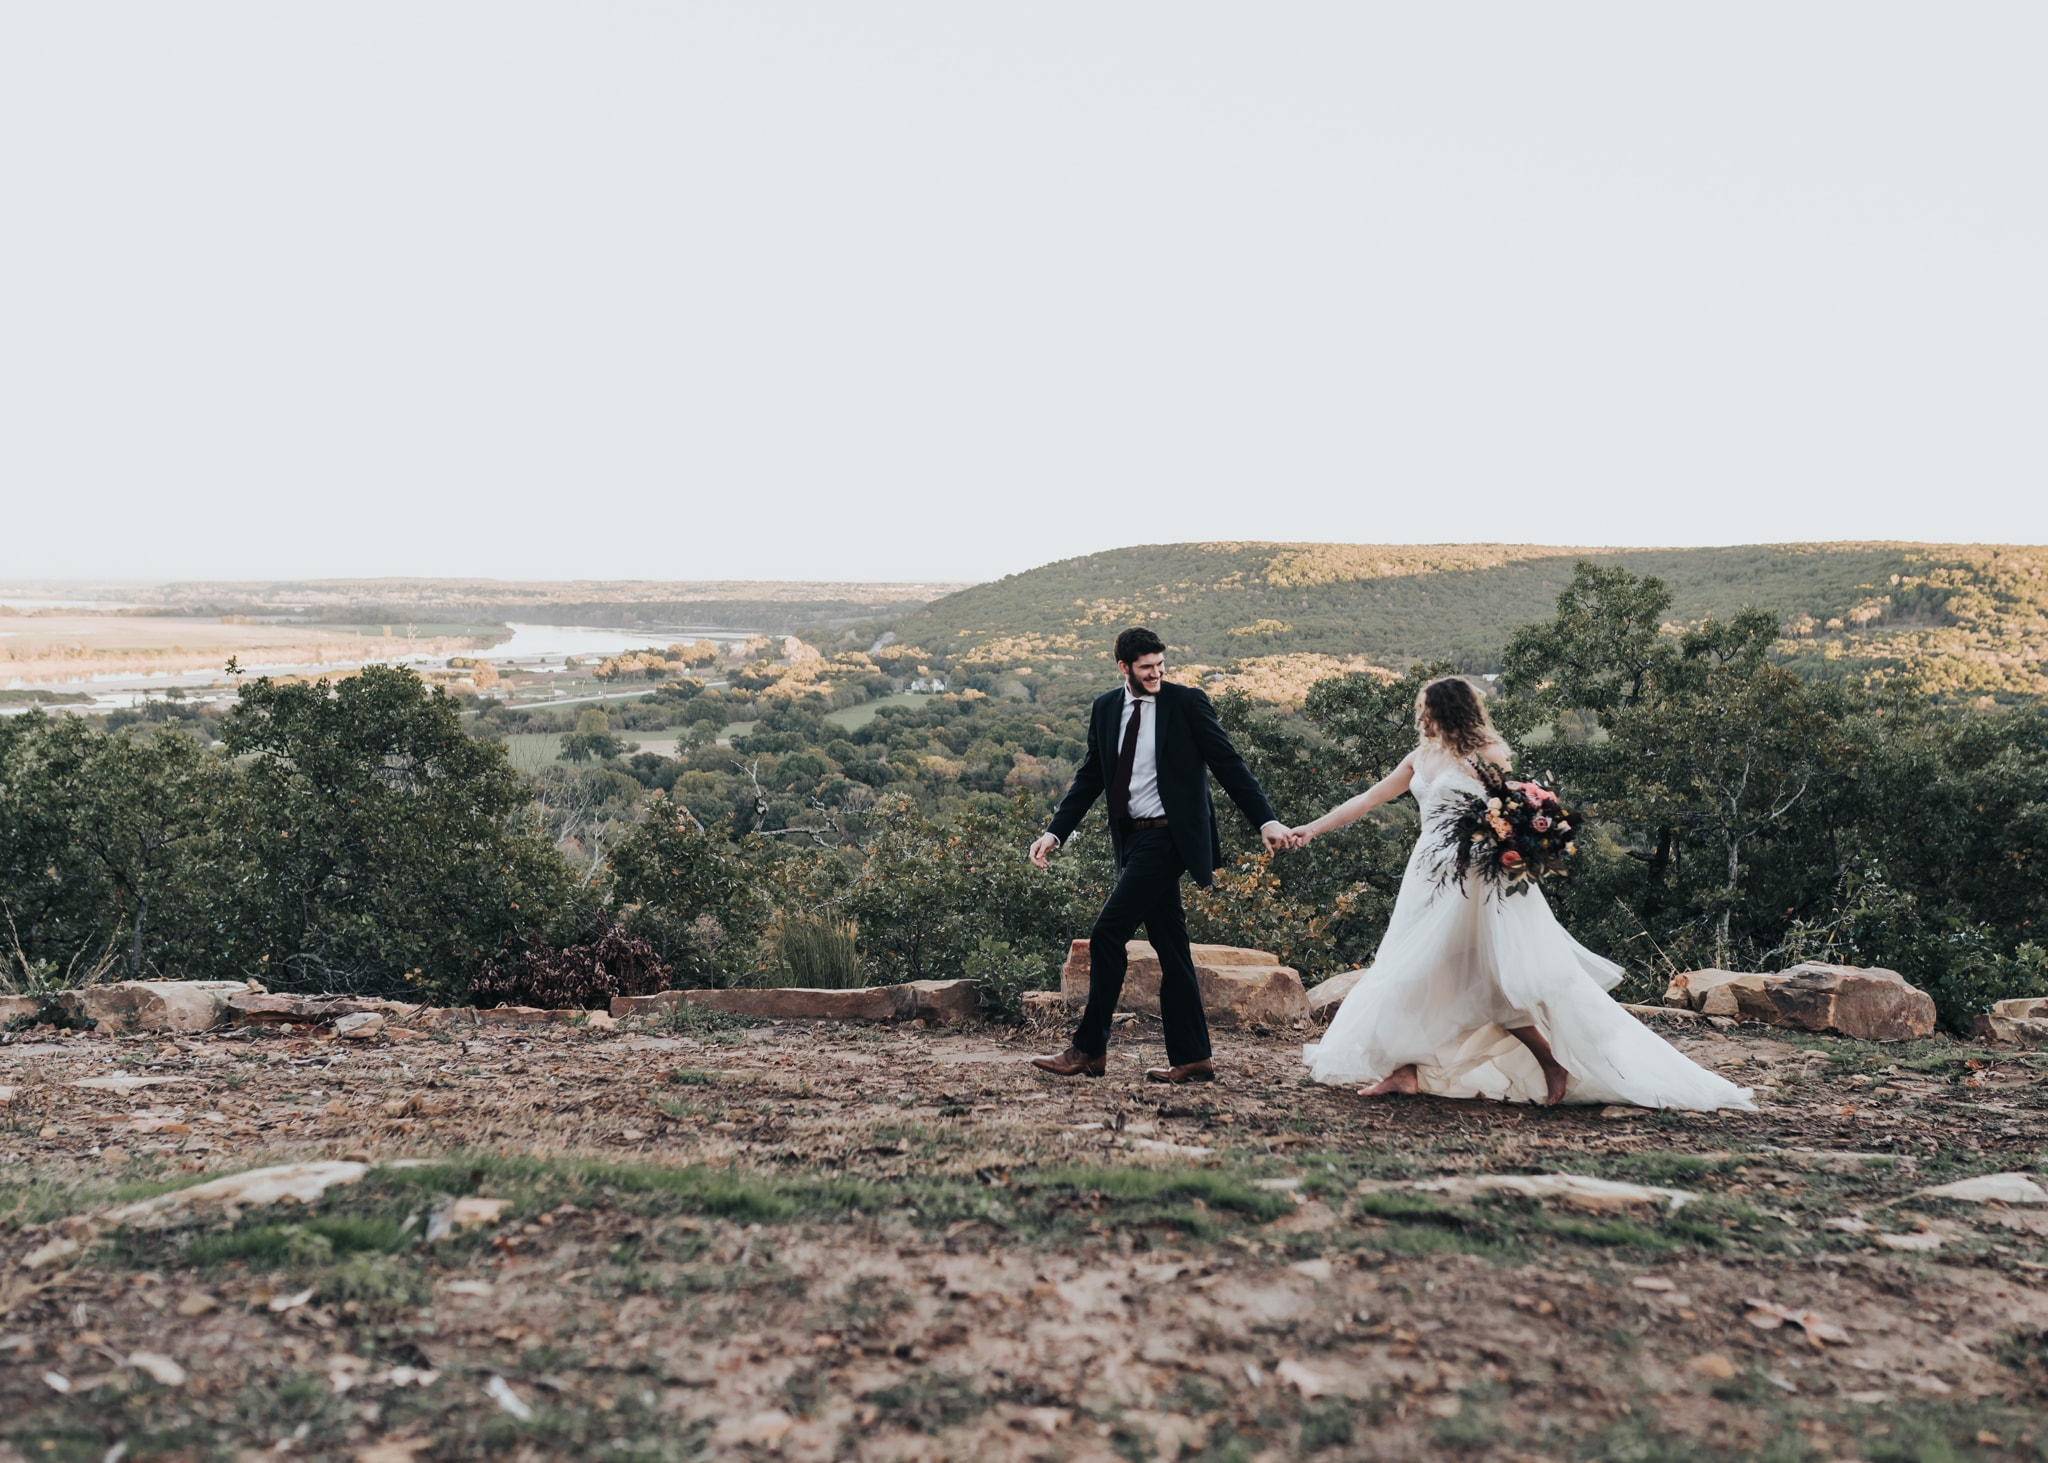 Tulsa Outdoor Wedding Venue.jpg